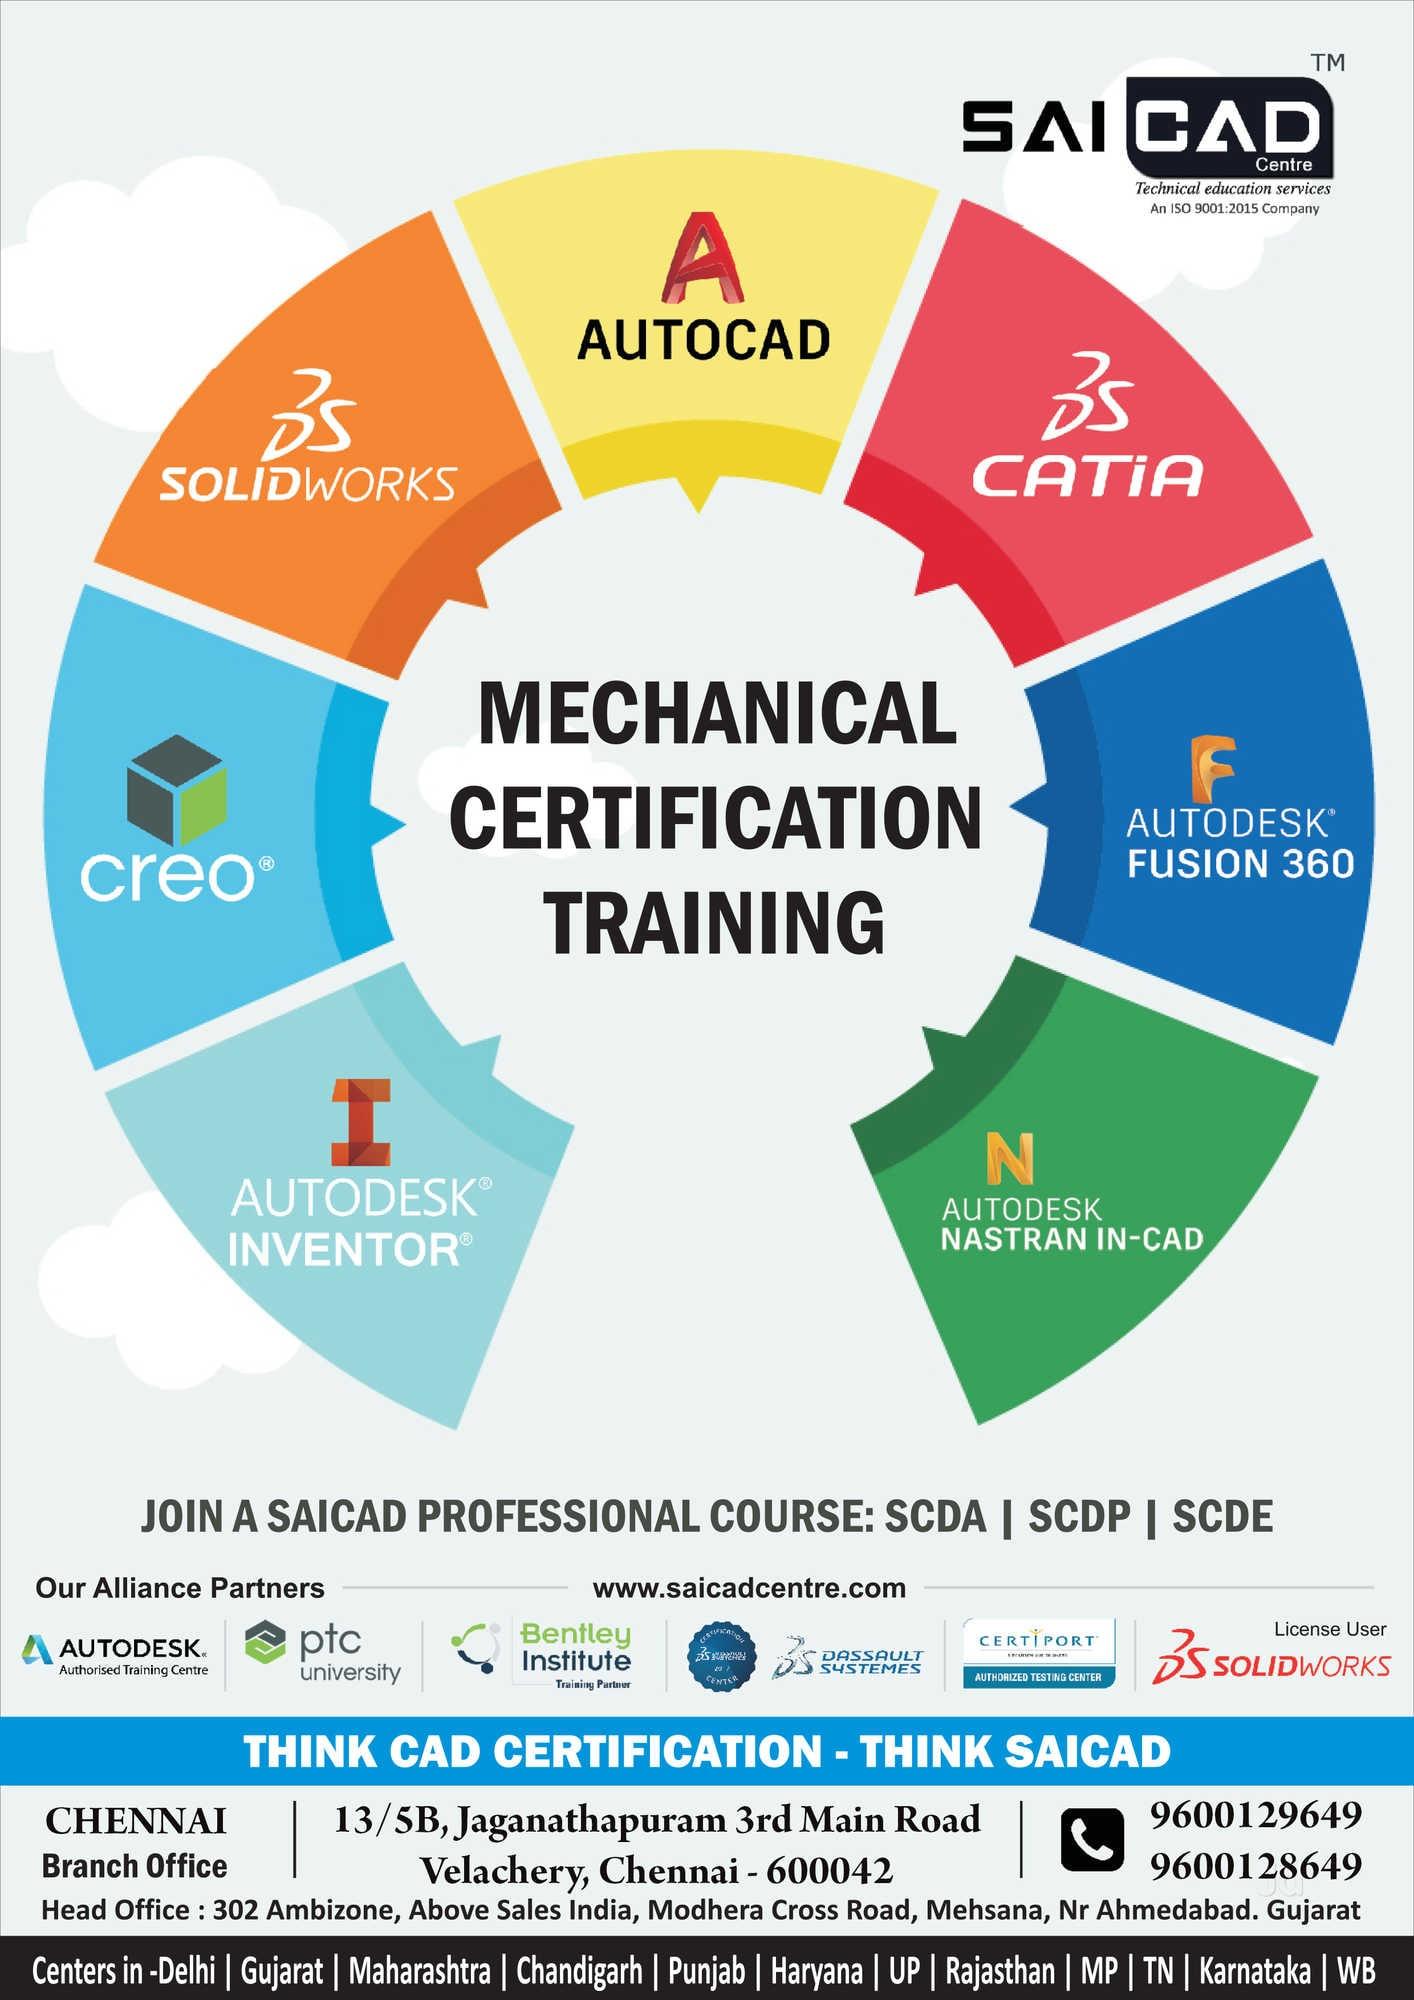 Top 10 Computer Training Institutes For Aecosim in Chennai